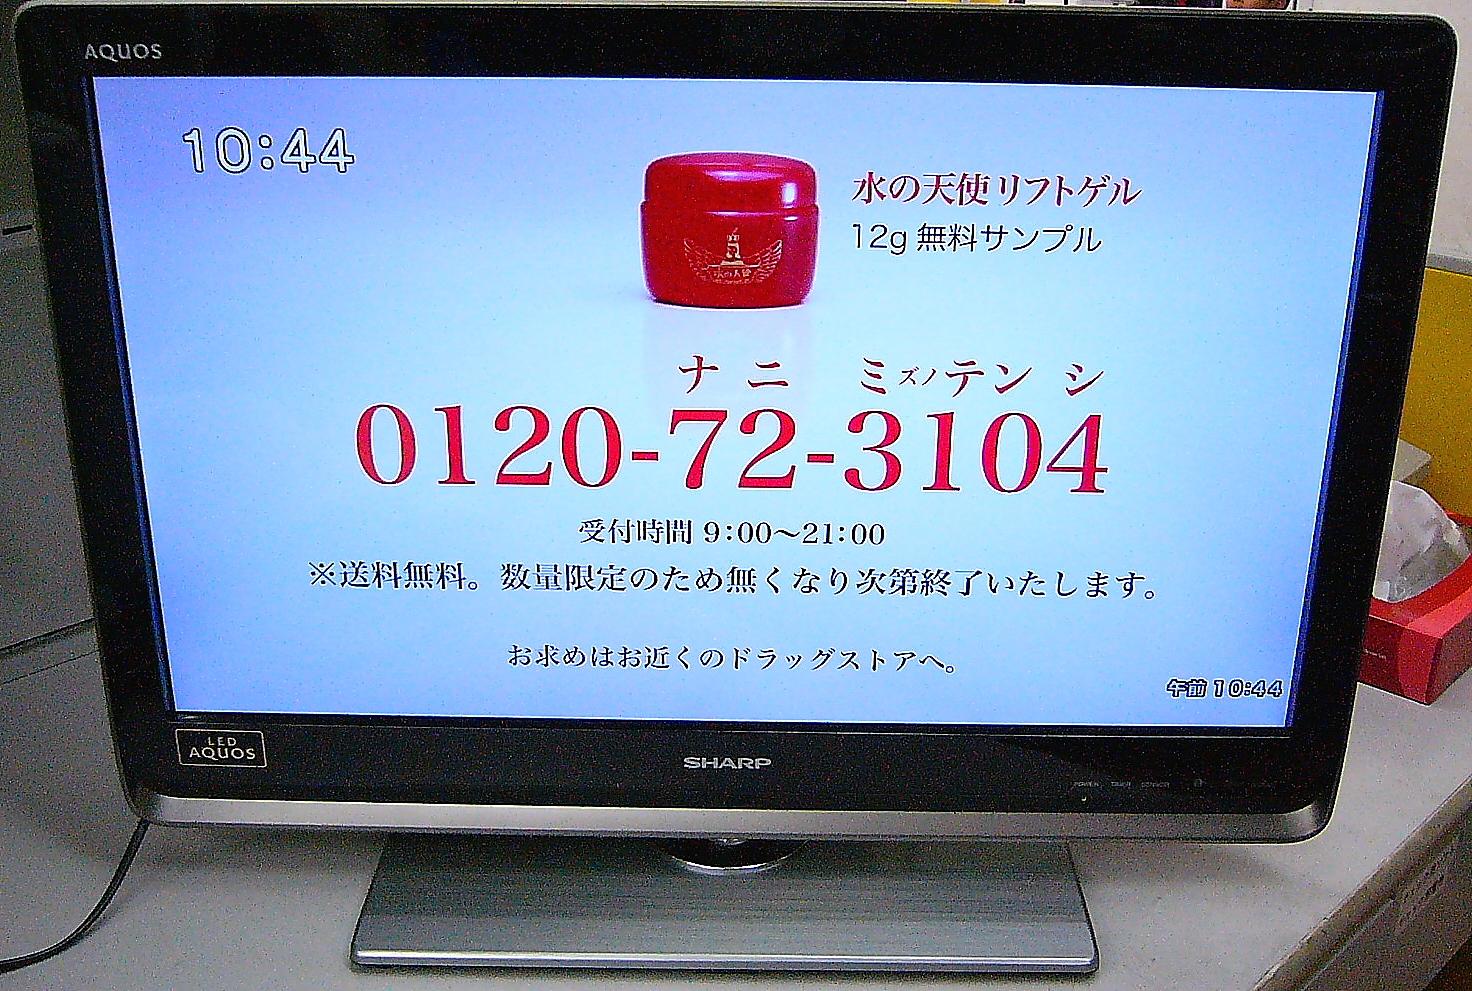 SHARP 液晶テレビ AQUOS LC-26DZ3